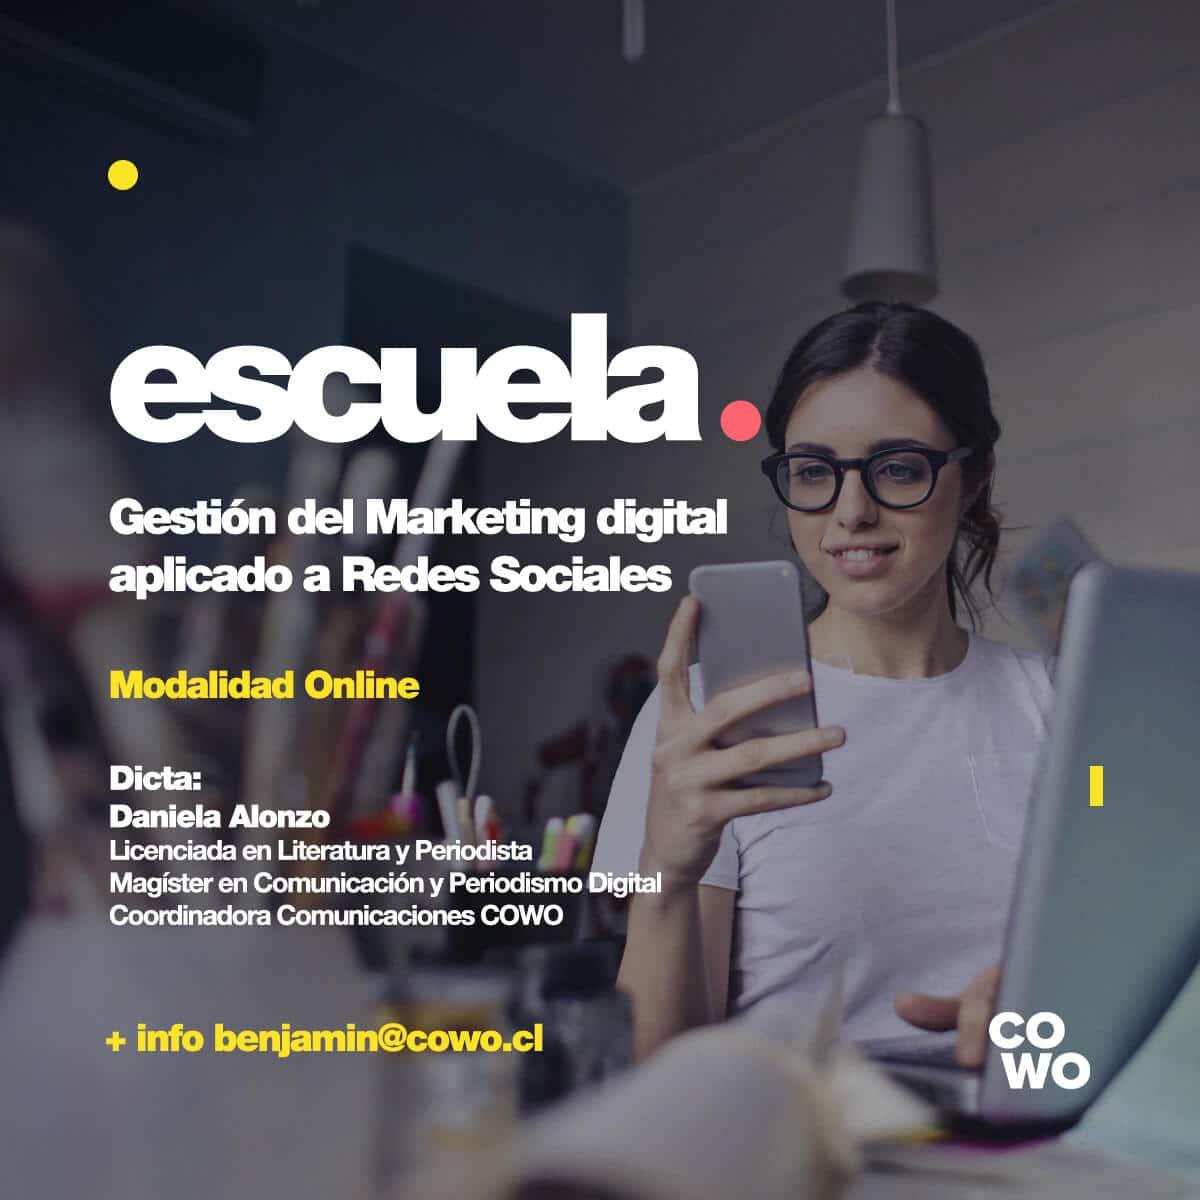 Gestión del Marketing Digital aplicado a Redes Sociales